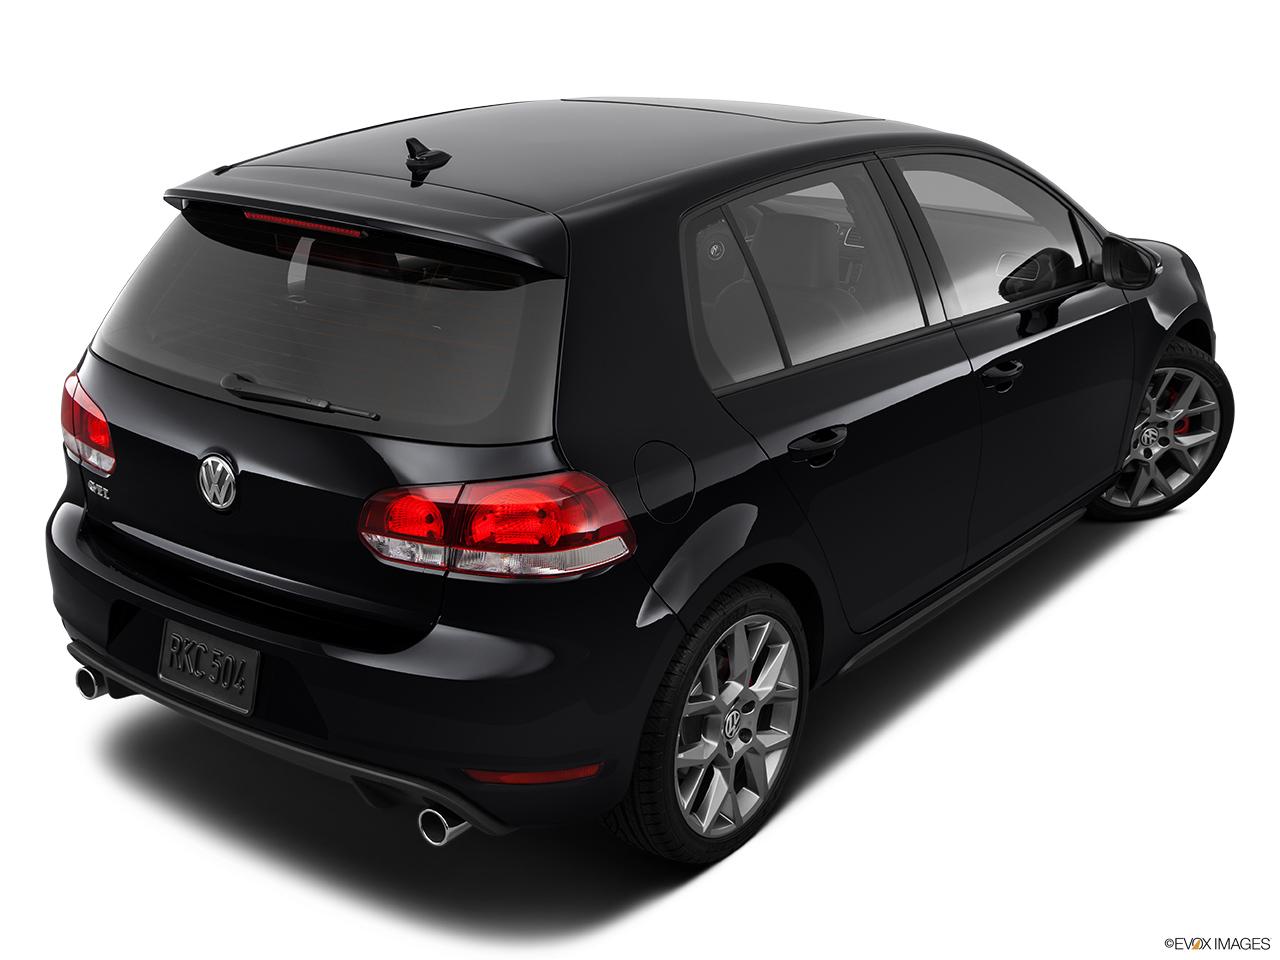 2014 volkswagen gti 4dr hatchback dsg driver 39 s edition pzev. Black Bedroom Furniture Sets. Home Design Ideas